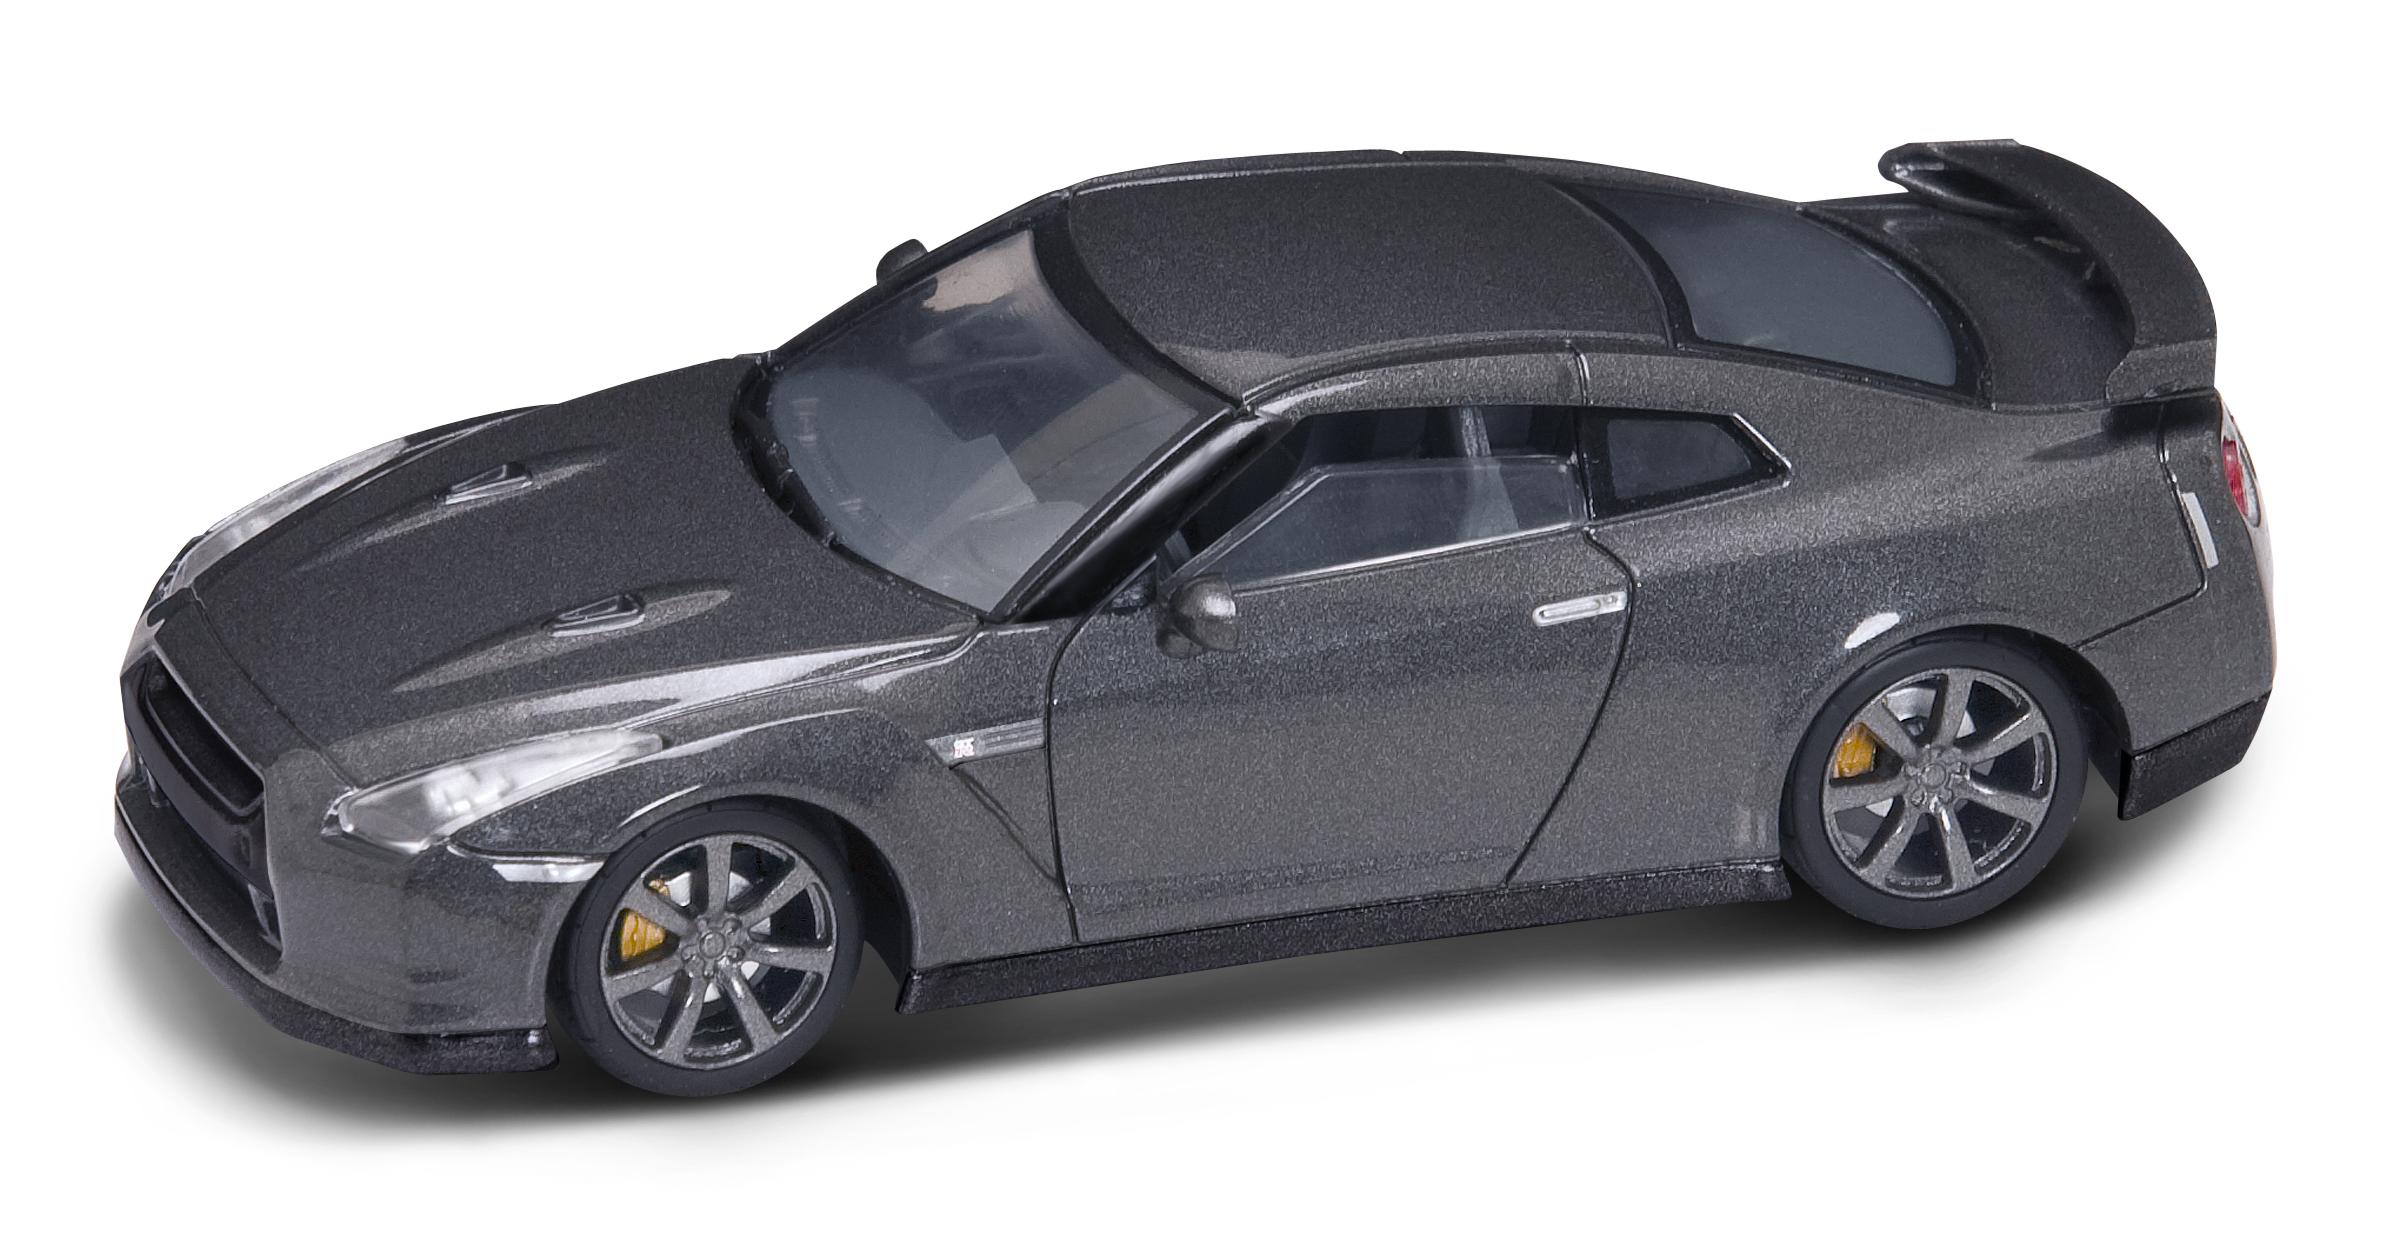 Купить Автомобиль - Ниссан GT-R, образца 2009 года, масштаб 1/43, серия Премиум, Yat Ming